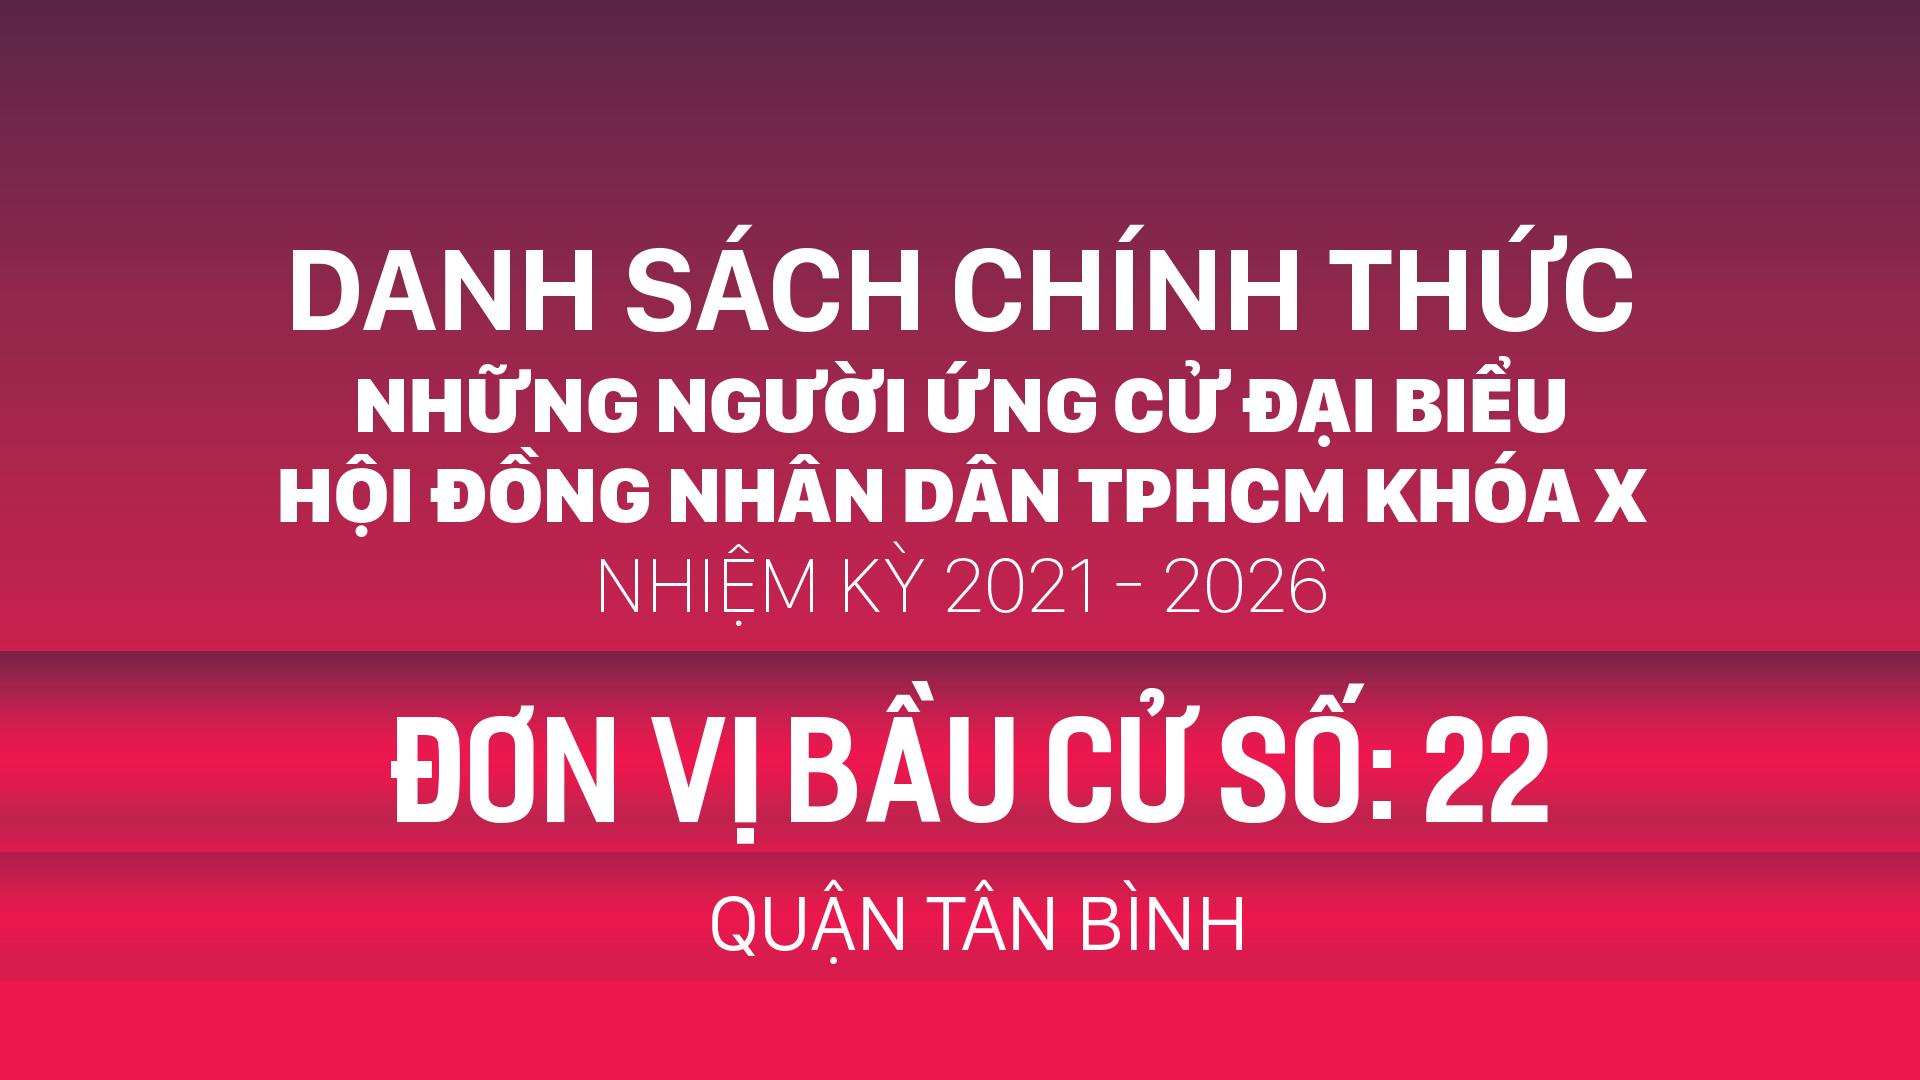 Đơn vị bầu cử số: 22 (quận Tân Bình)